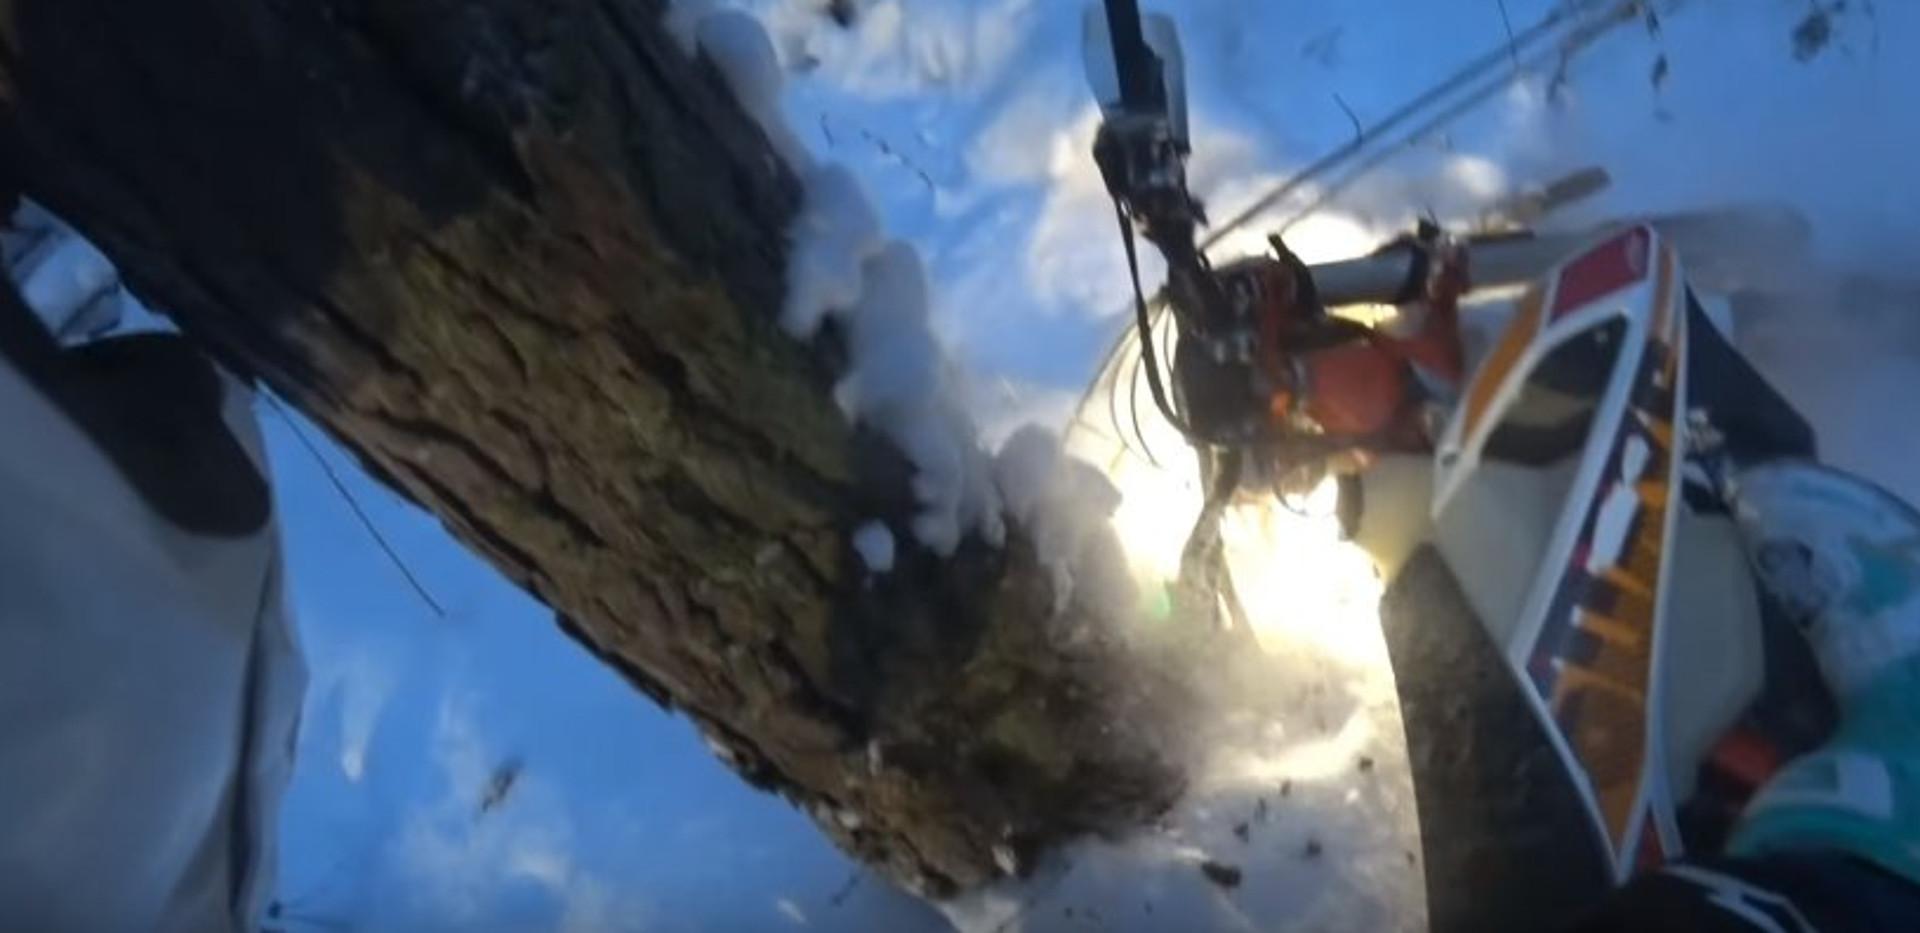 Тест фары Маяк прямым попаданием в дерево